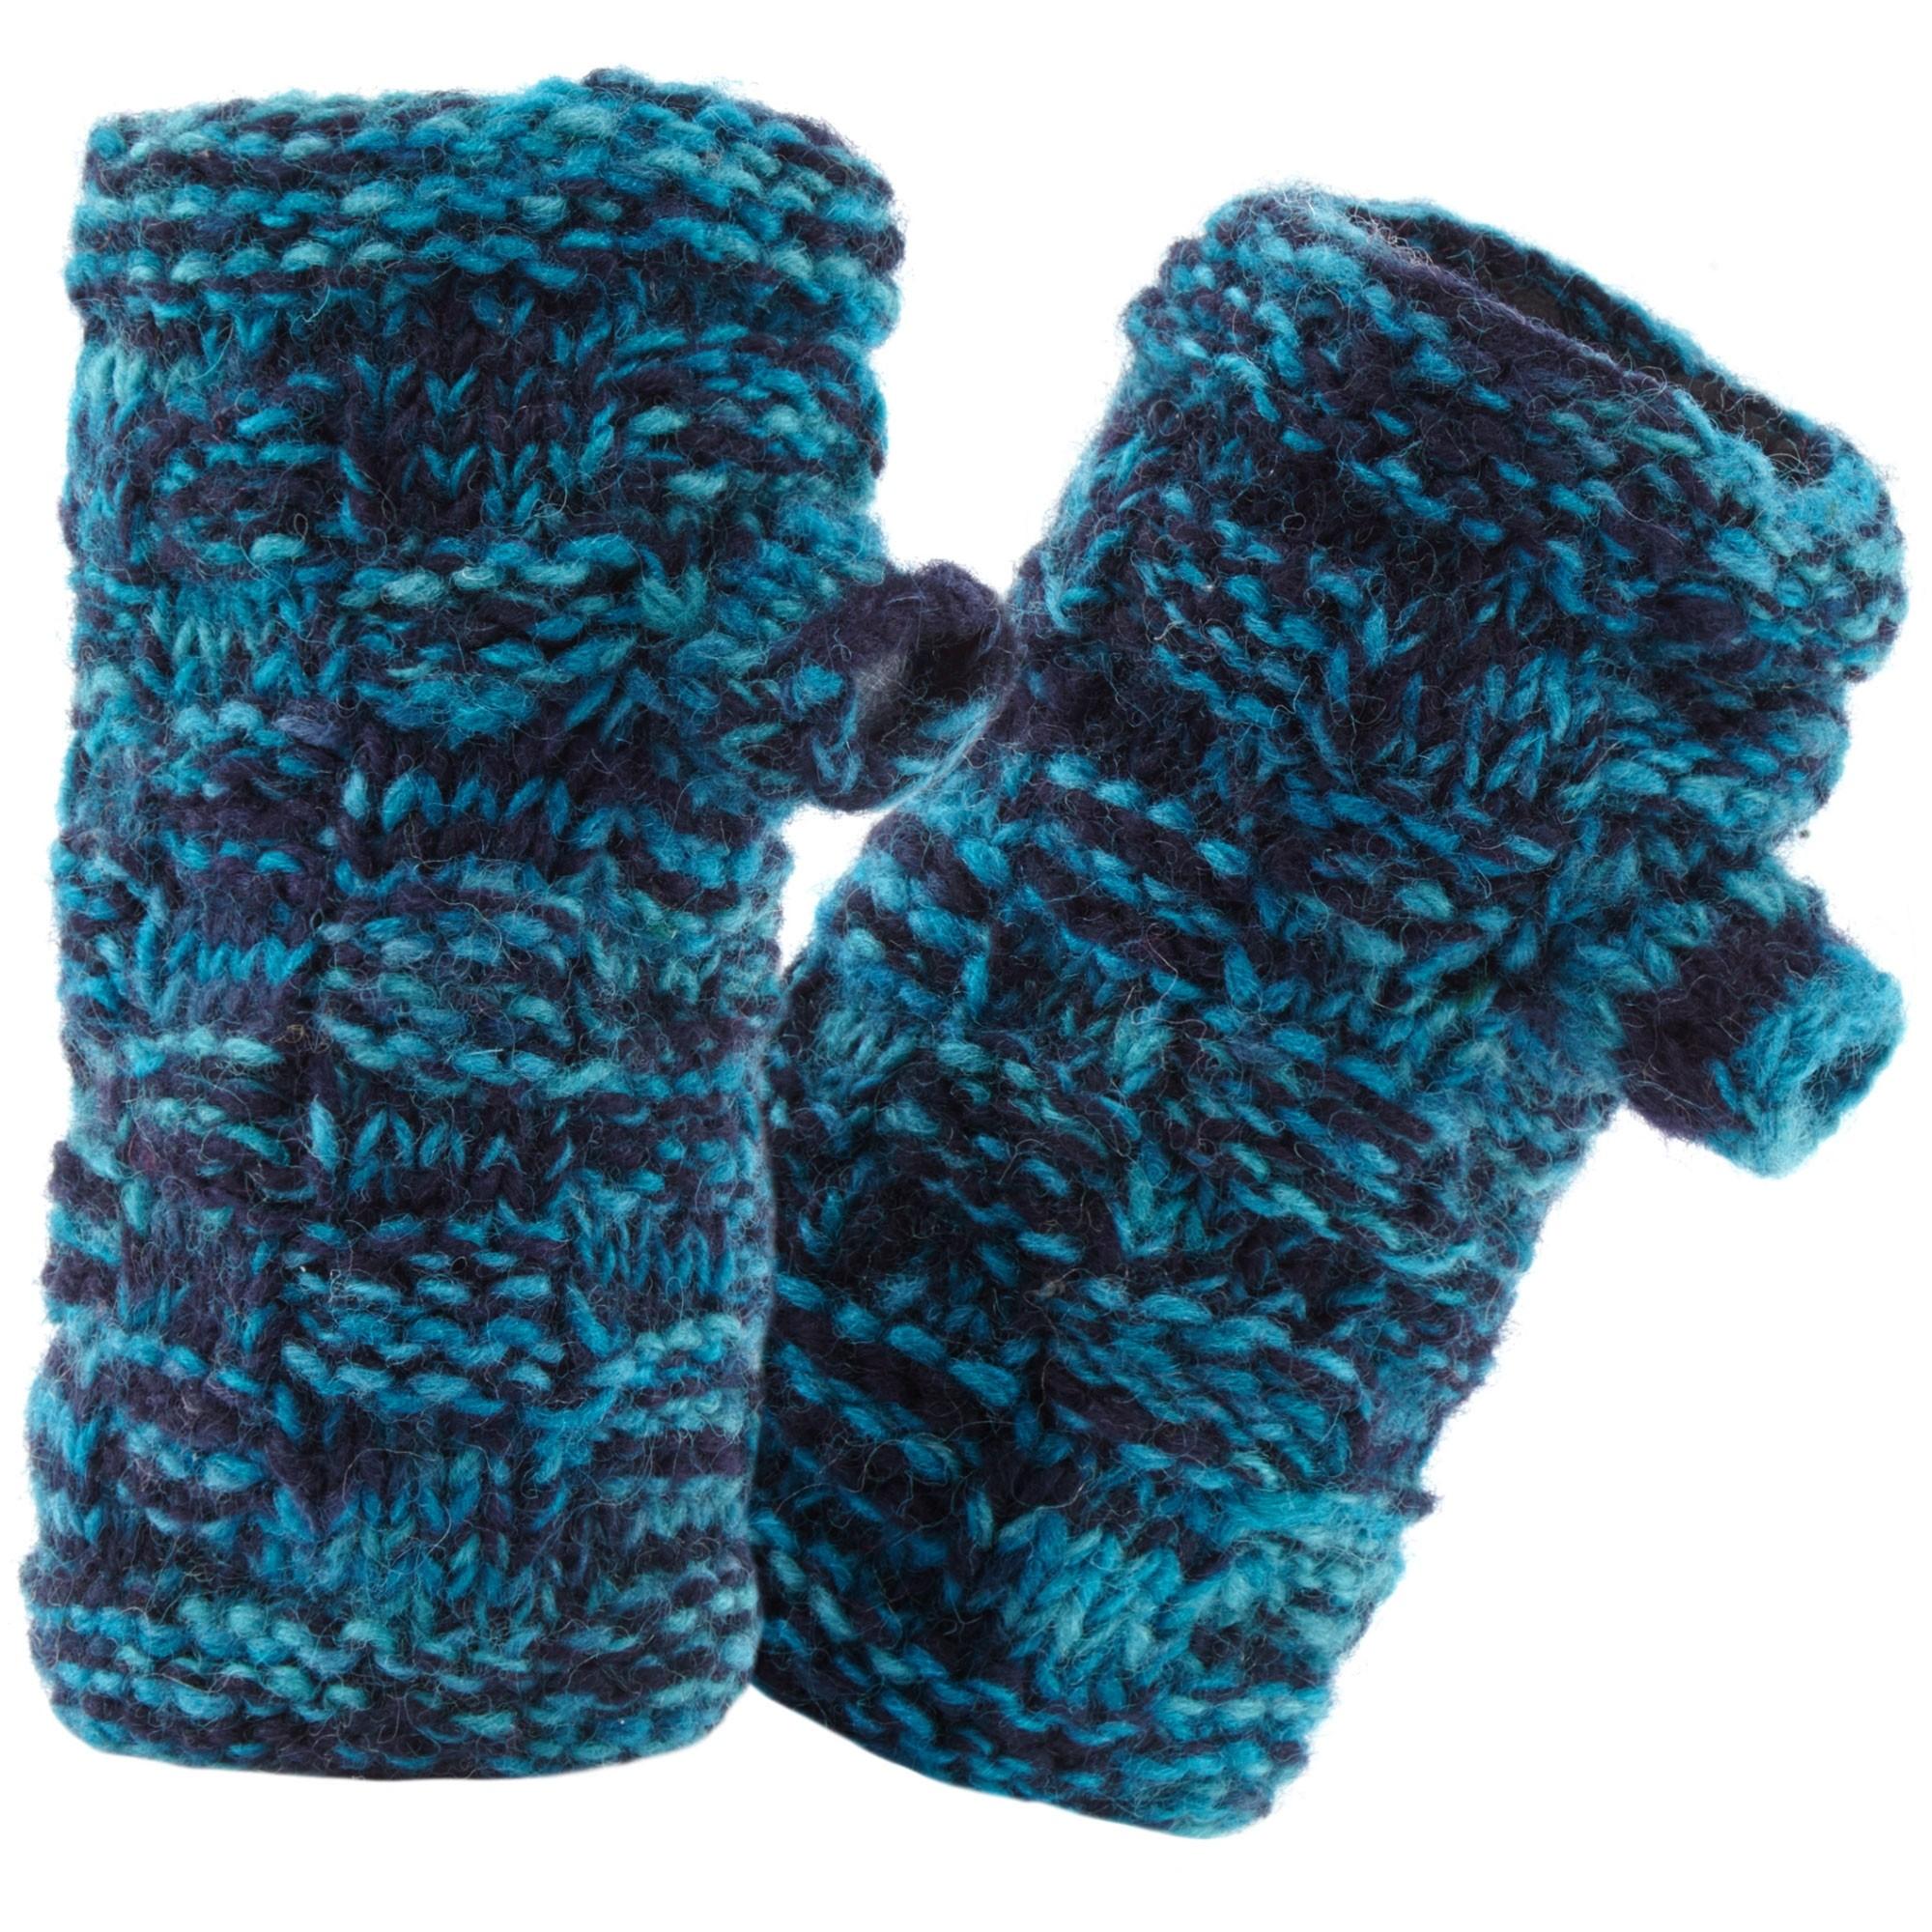 Sherpa Basket Weave Rimjhim Hand Warmers - Rathee